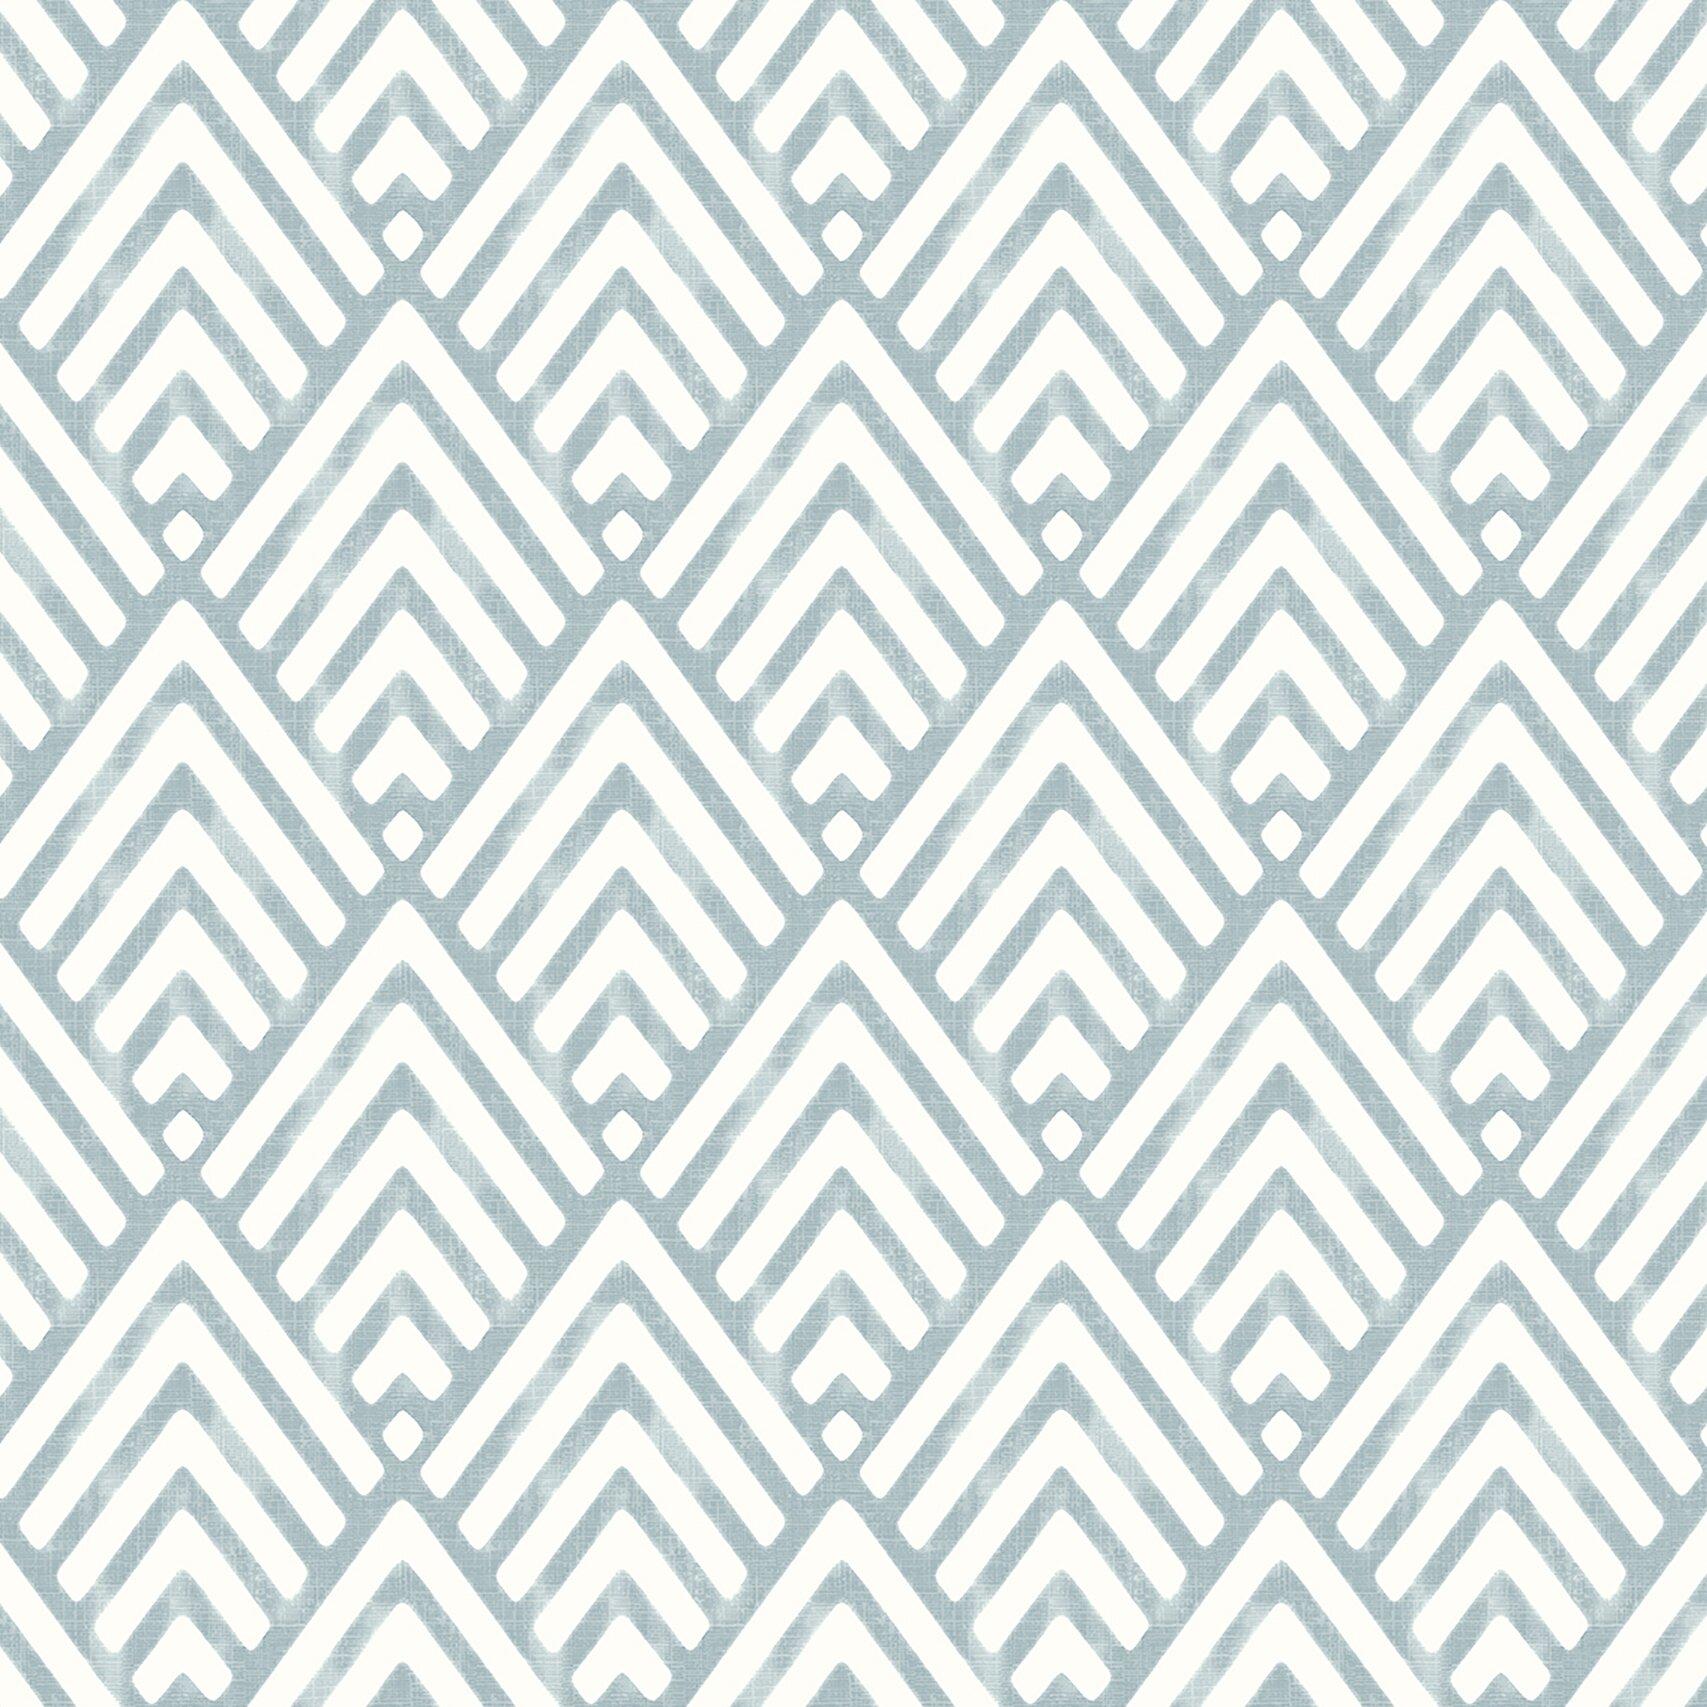 Brewster Home Fashions Sample - Symetrie Vertex Diamond Geometric ...